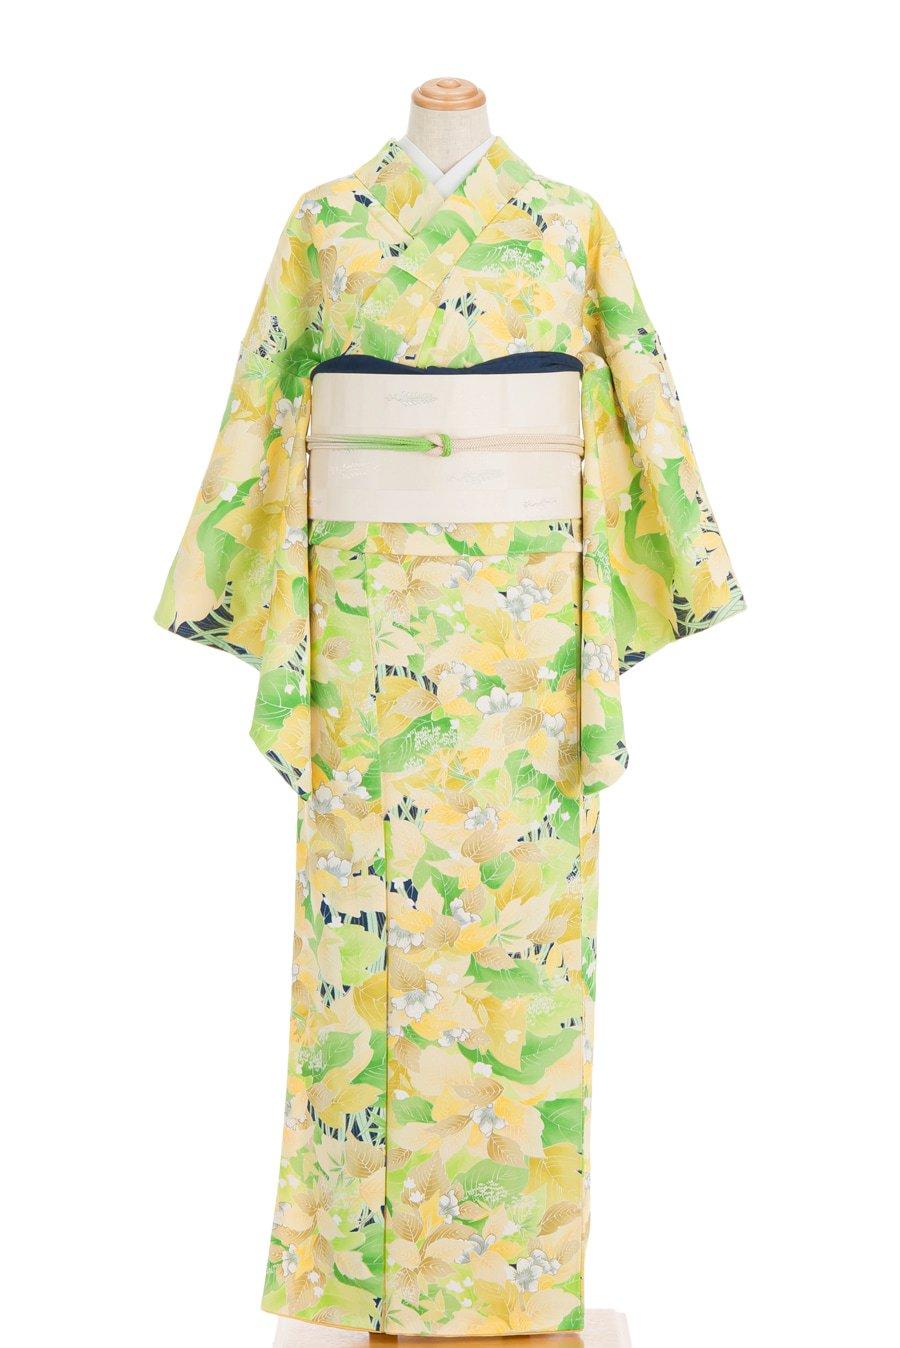 「黄色や緑の葉 白い花」の商品画像